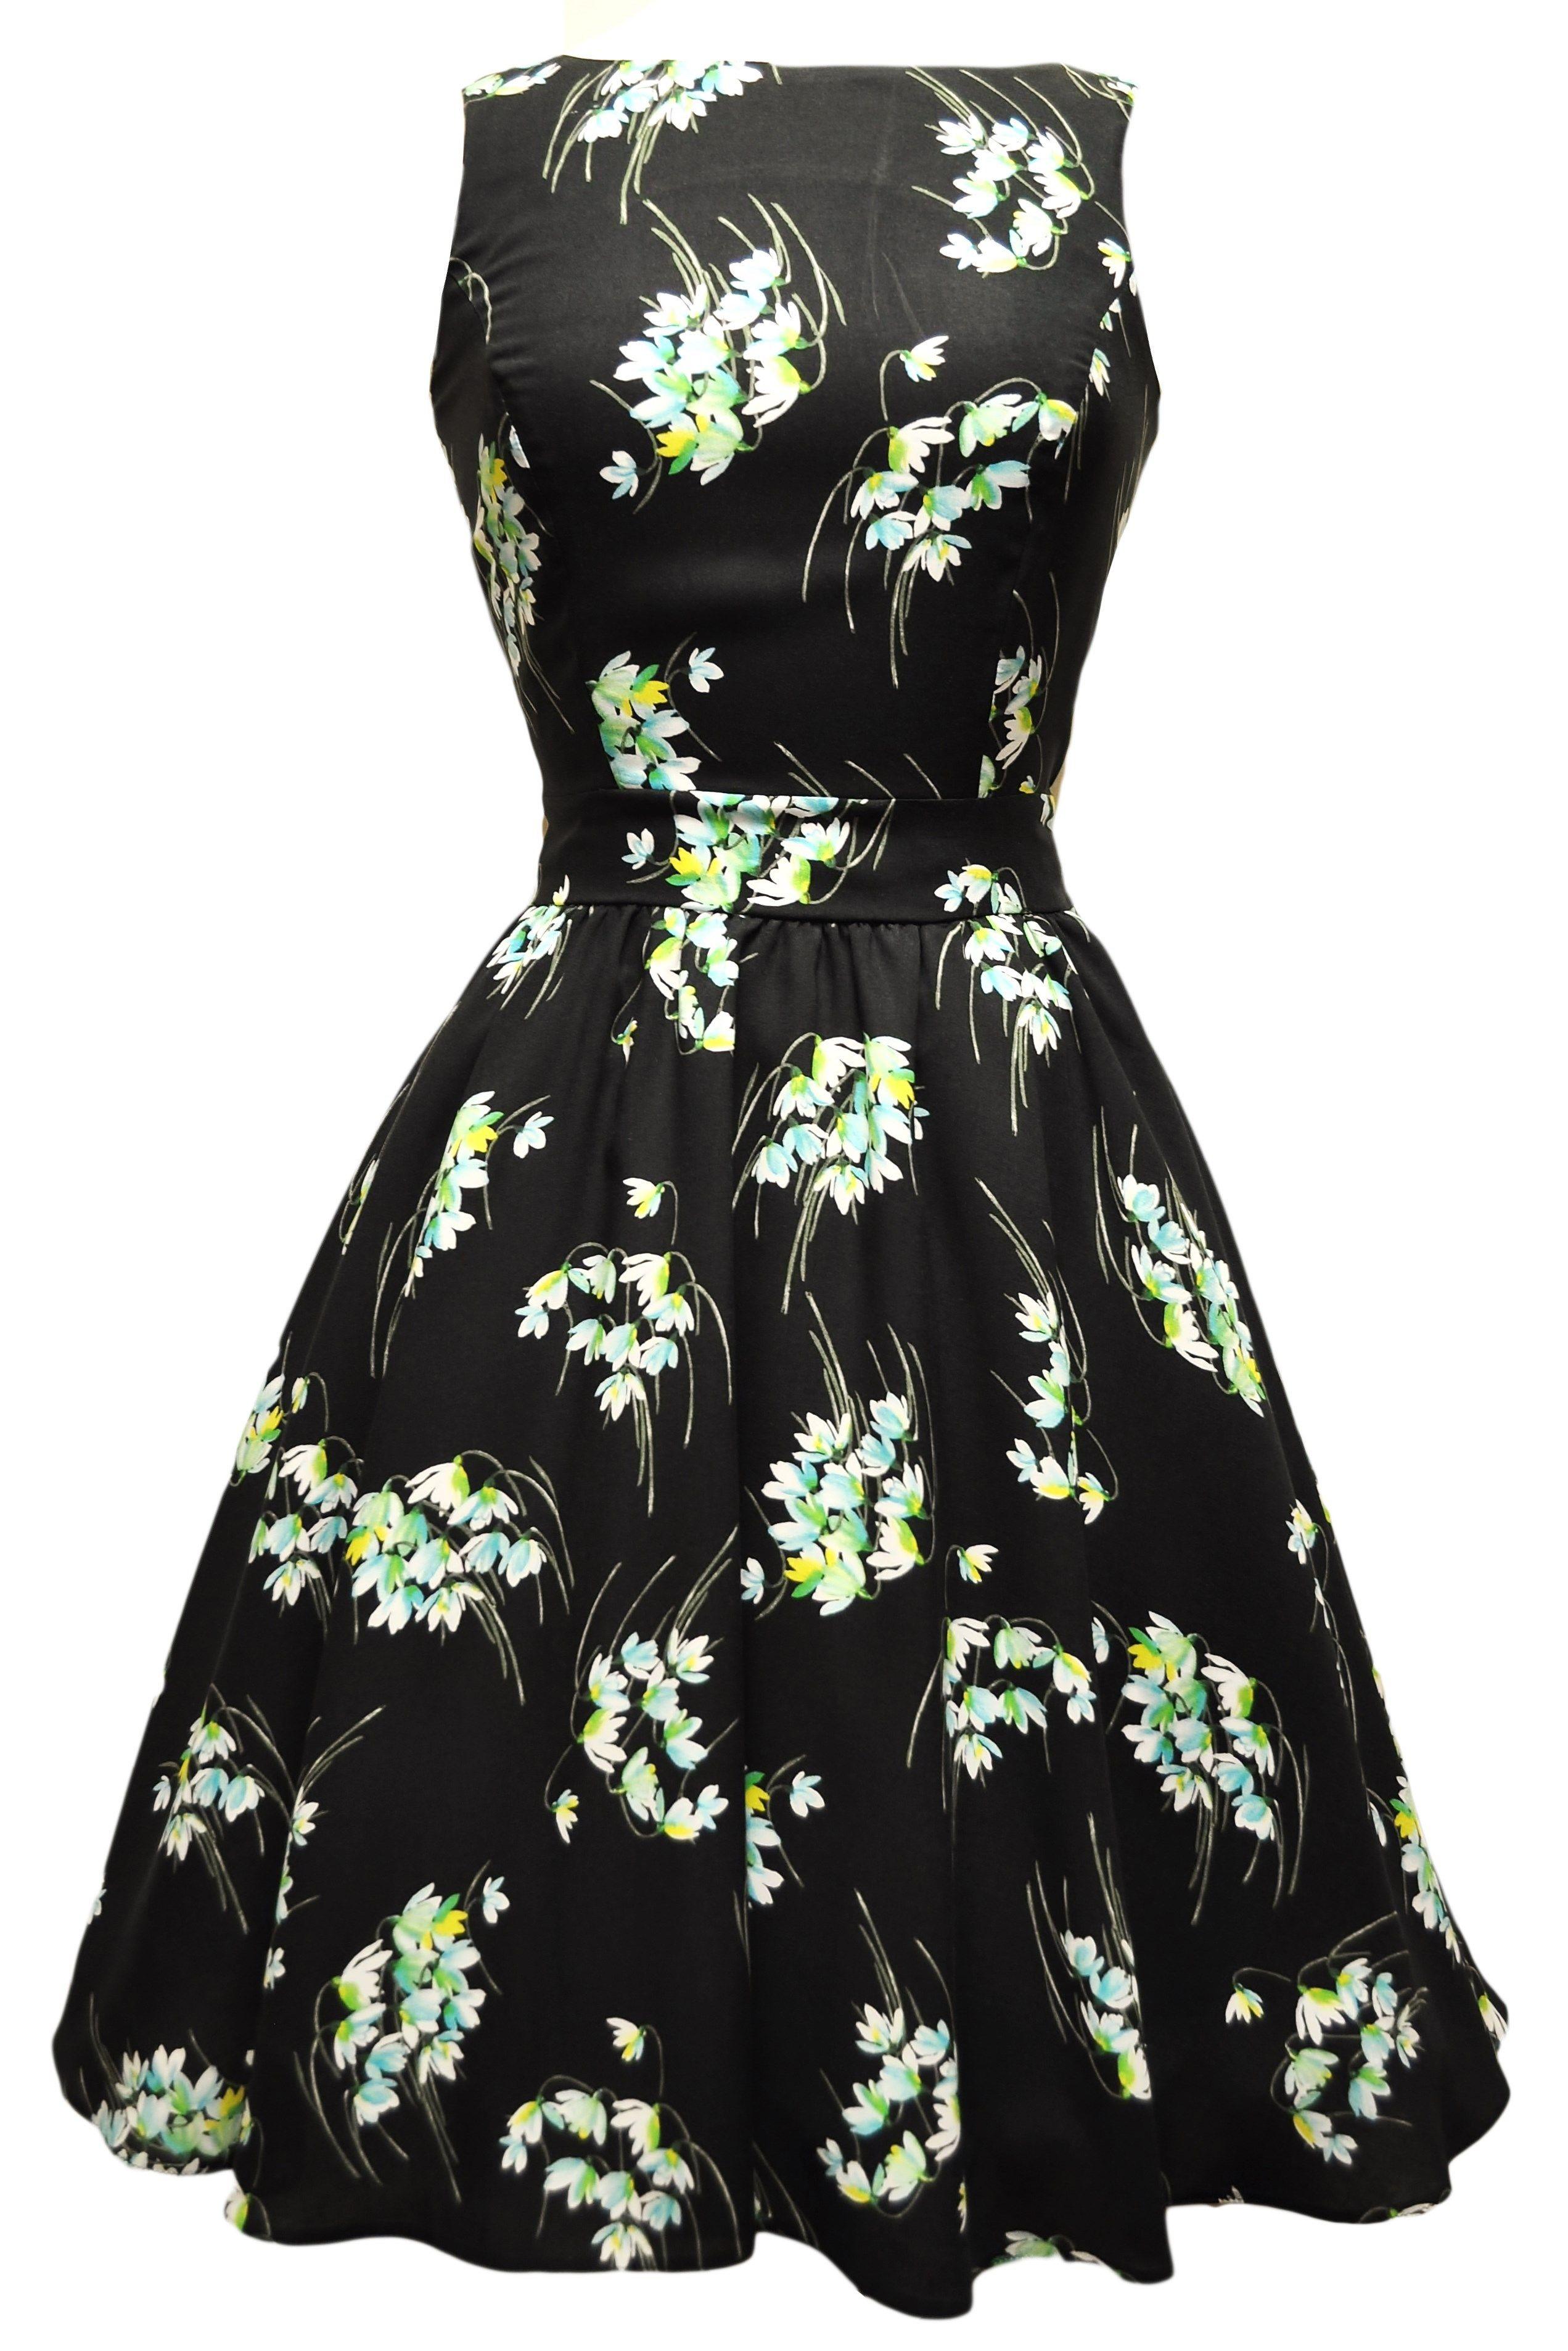 Seje Sort Kjole med Smukke Vintergækker i Klare Farver 50 Modetøj til Damer i behageligt materiale